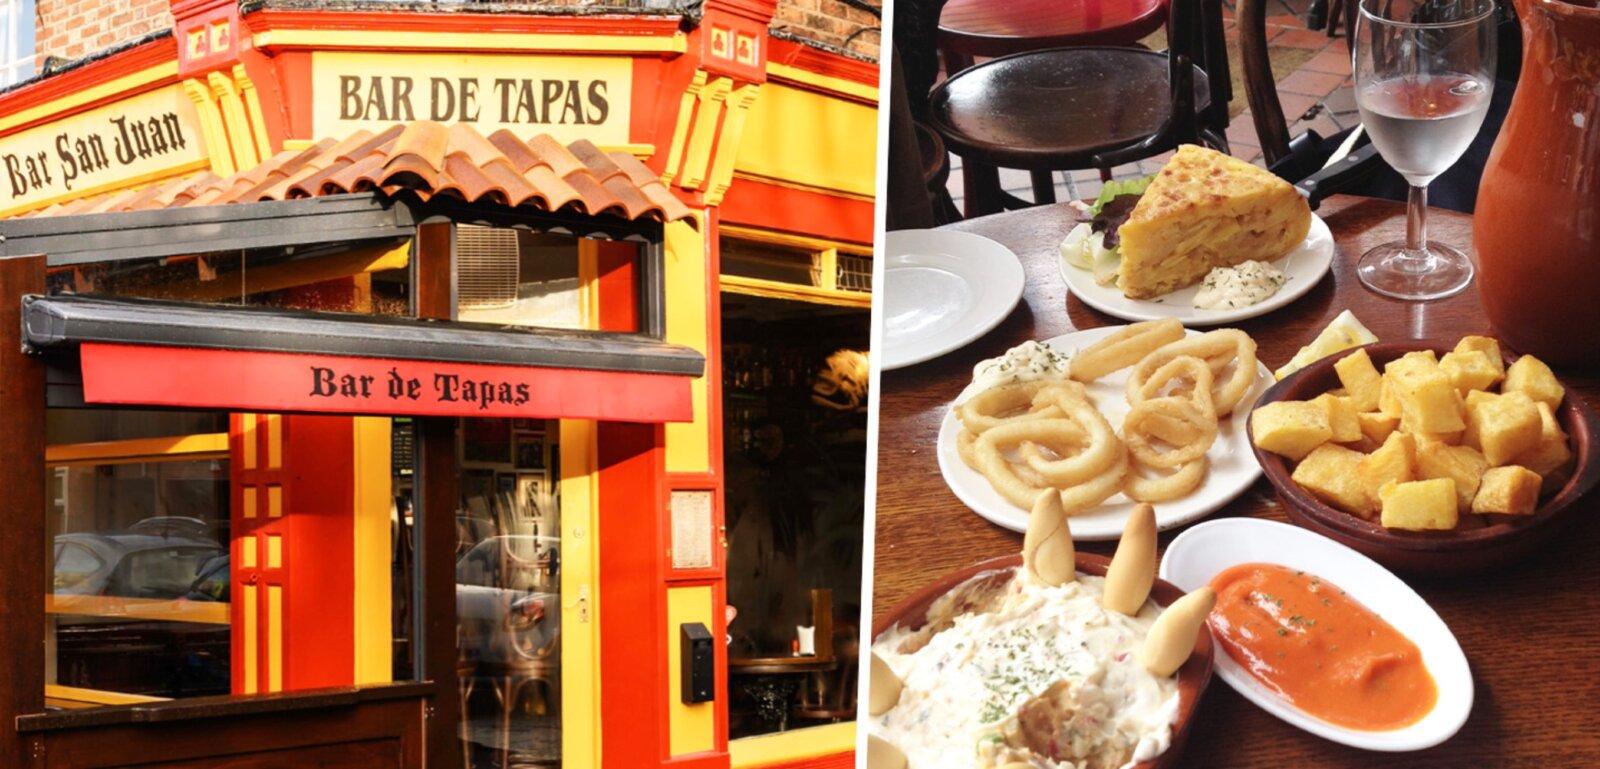 Bar San Juan in Chorlton is expanding ahead of reopening this week, The Manc